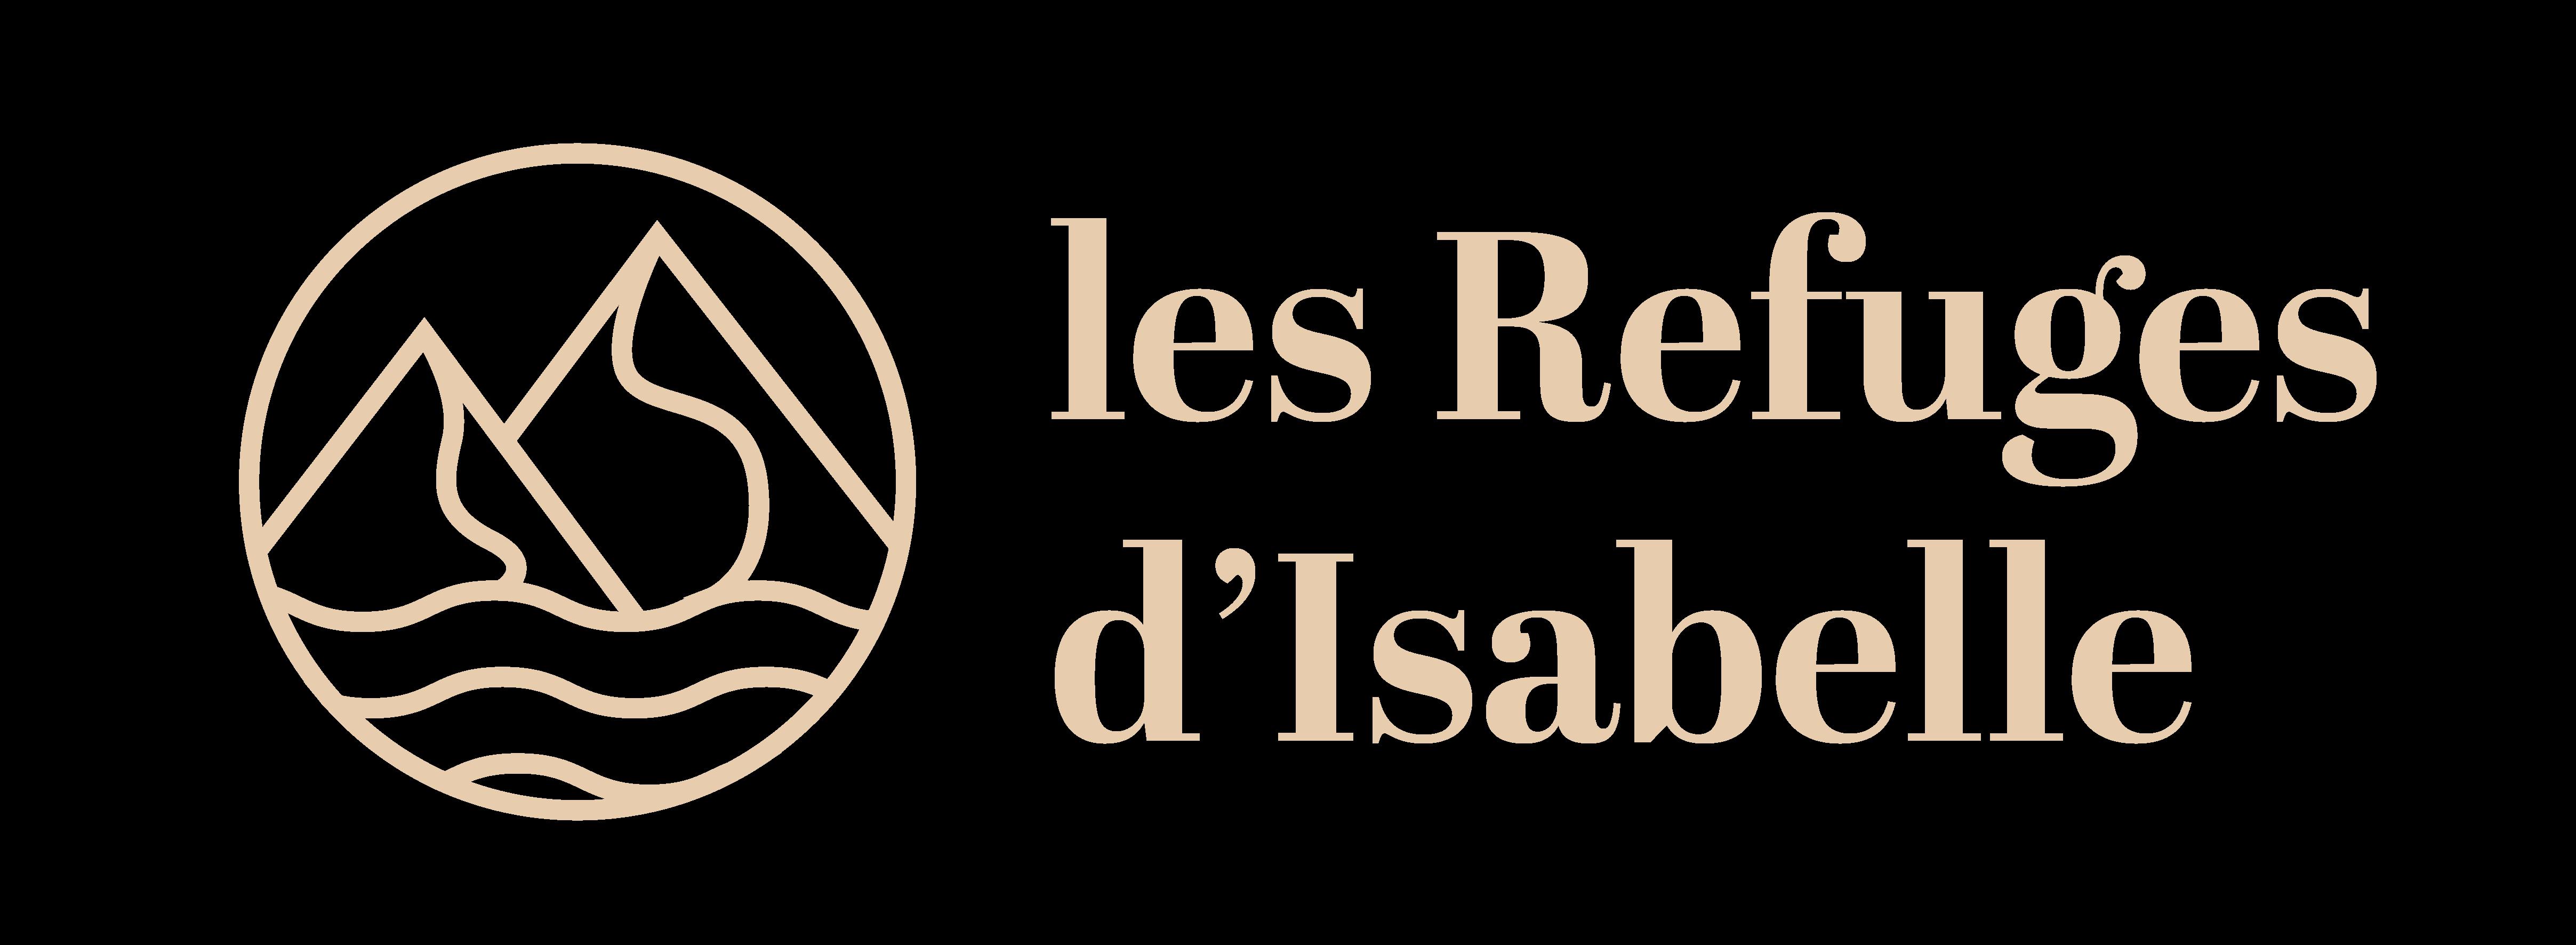 Les Refuges d'Isabelle